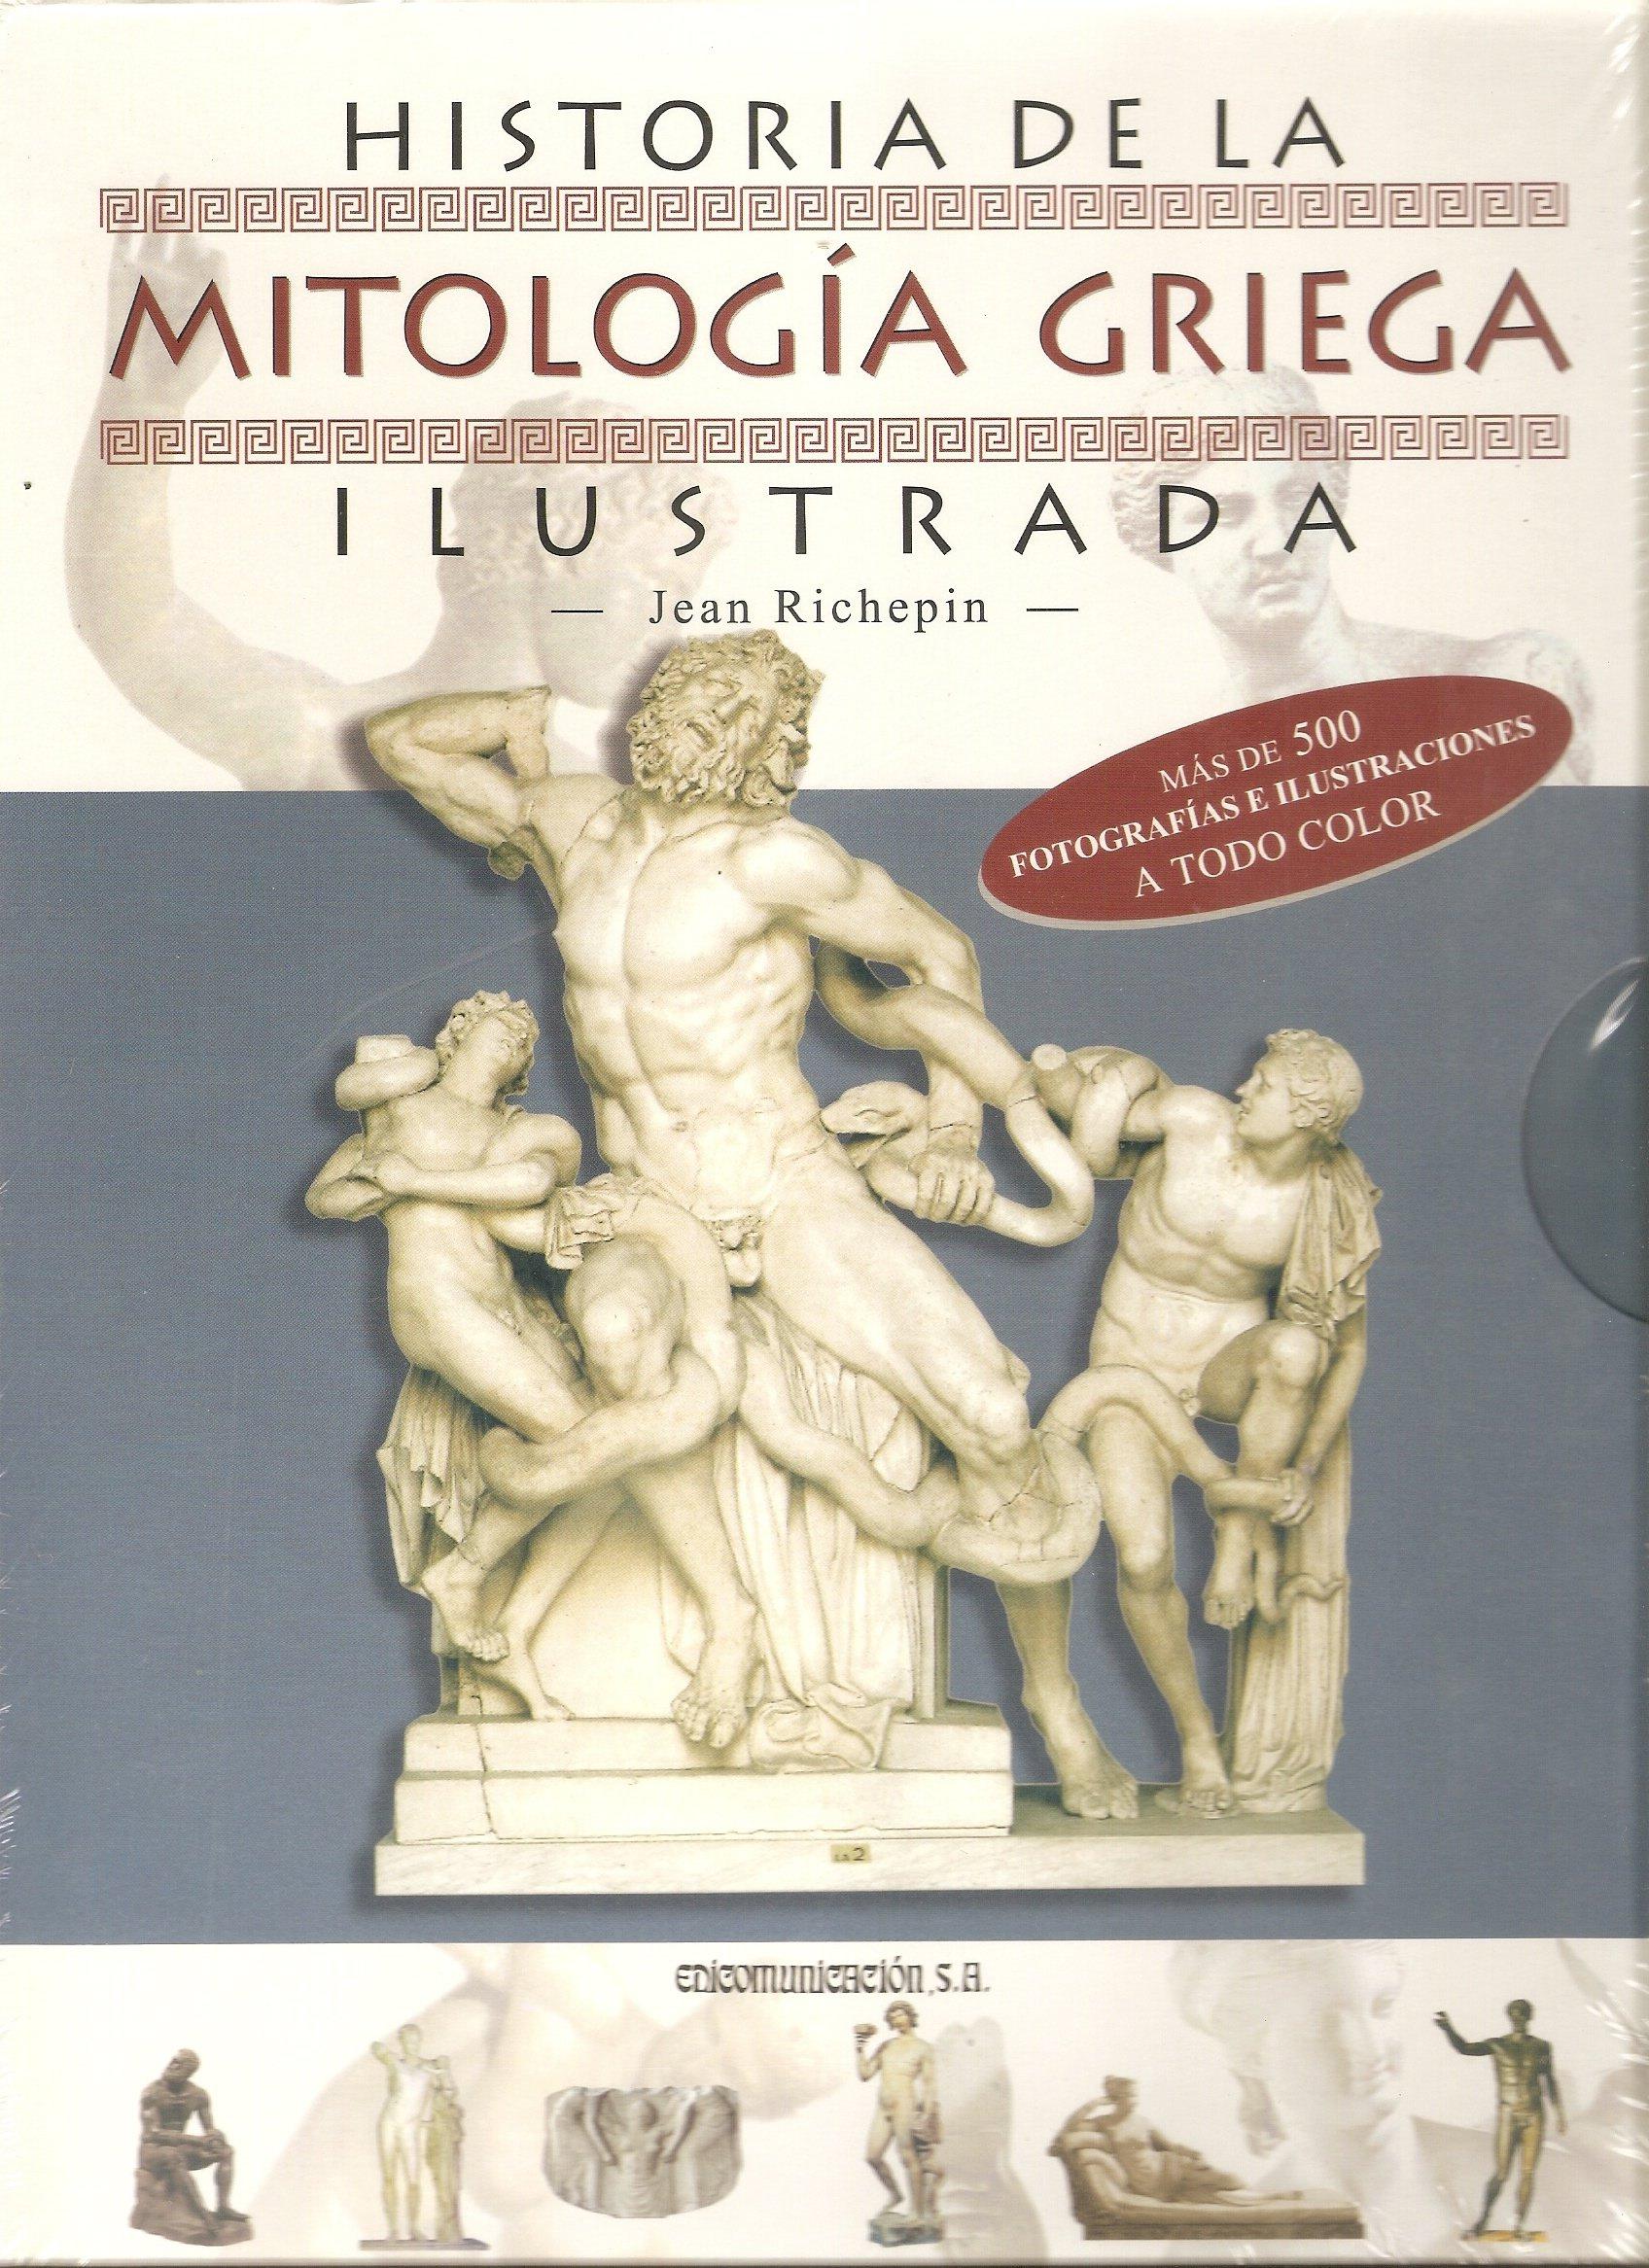 Historia de la mitologia griega ilustrada (2 tomos): Amazon.es: Richepin, Jean: Libros